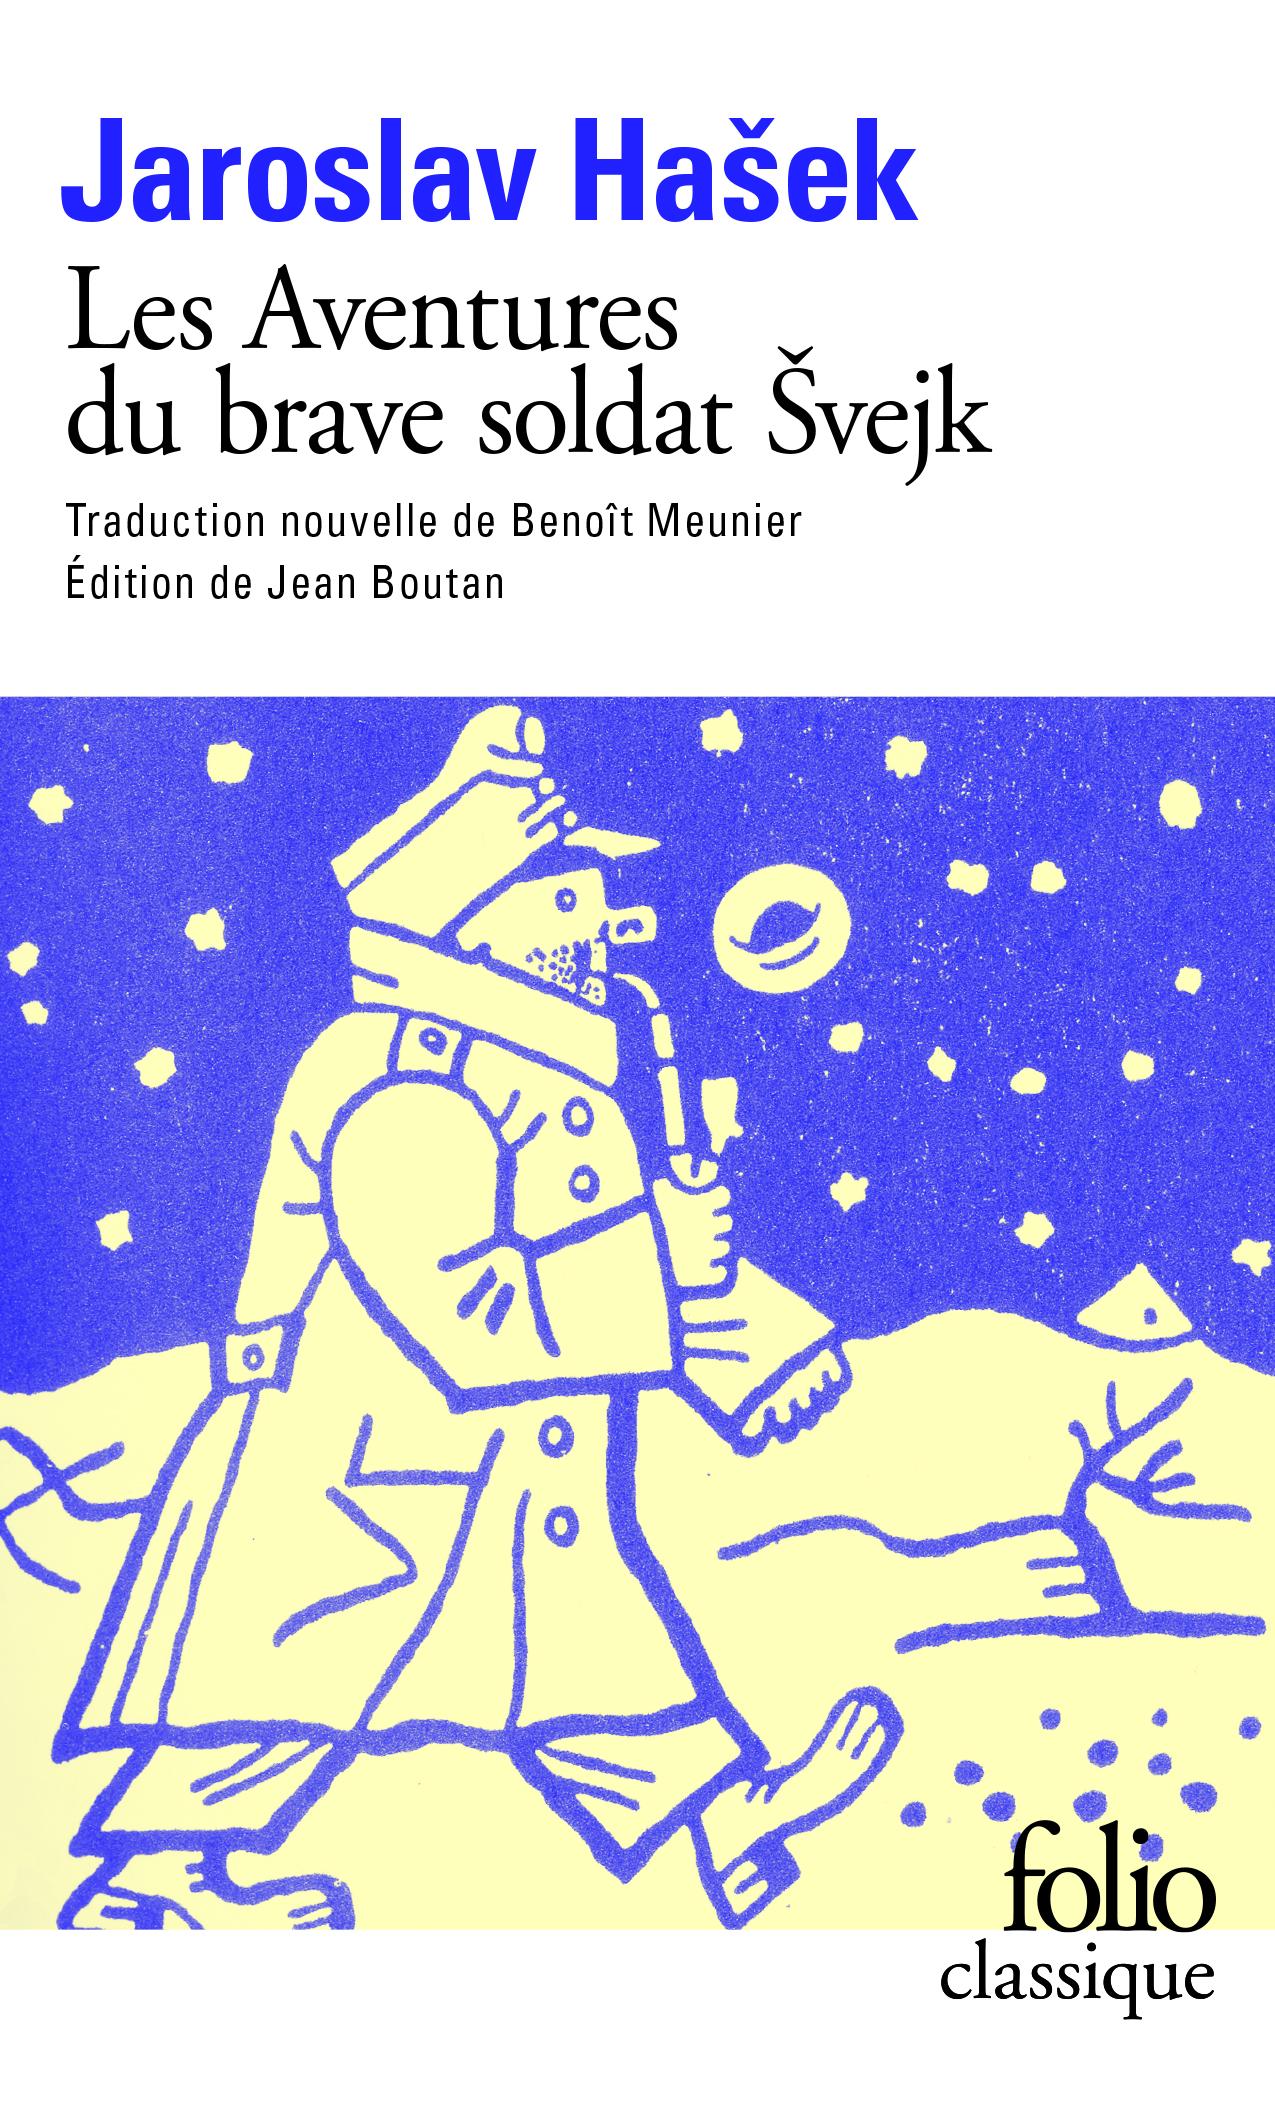 J. Hasek, Les Aventures du brave soldat Švejk pendant la Grande Guerre (trad. nouvelle B. Meunier)